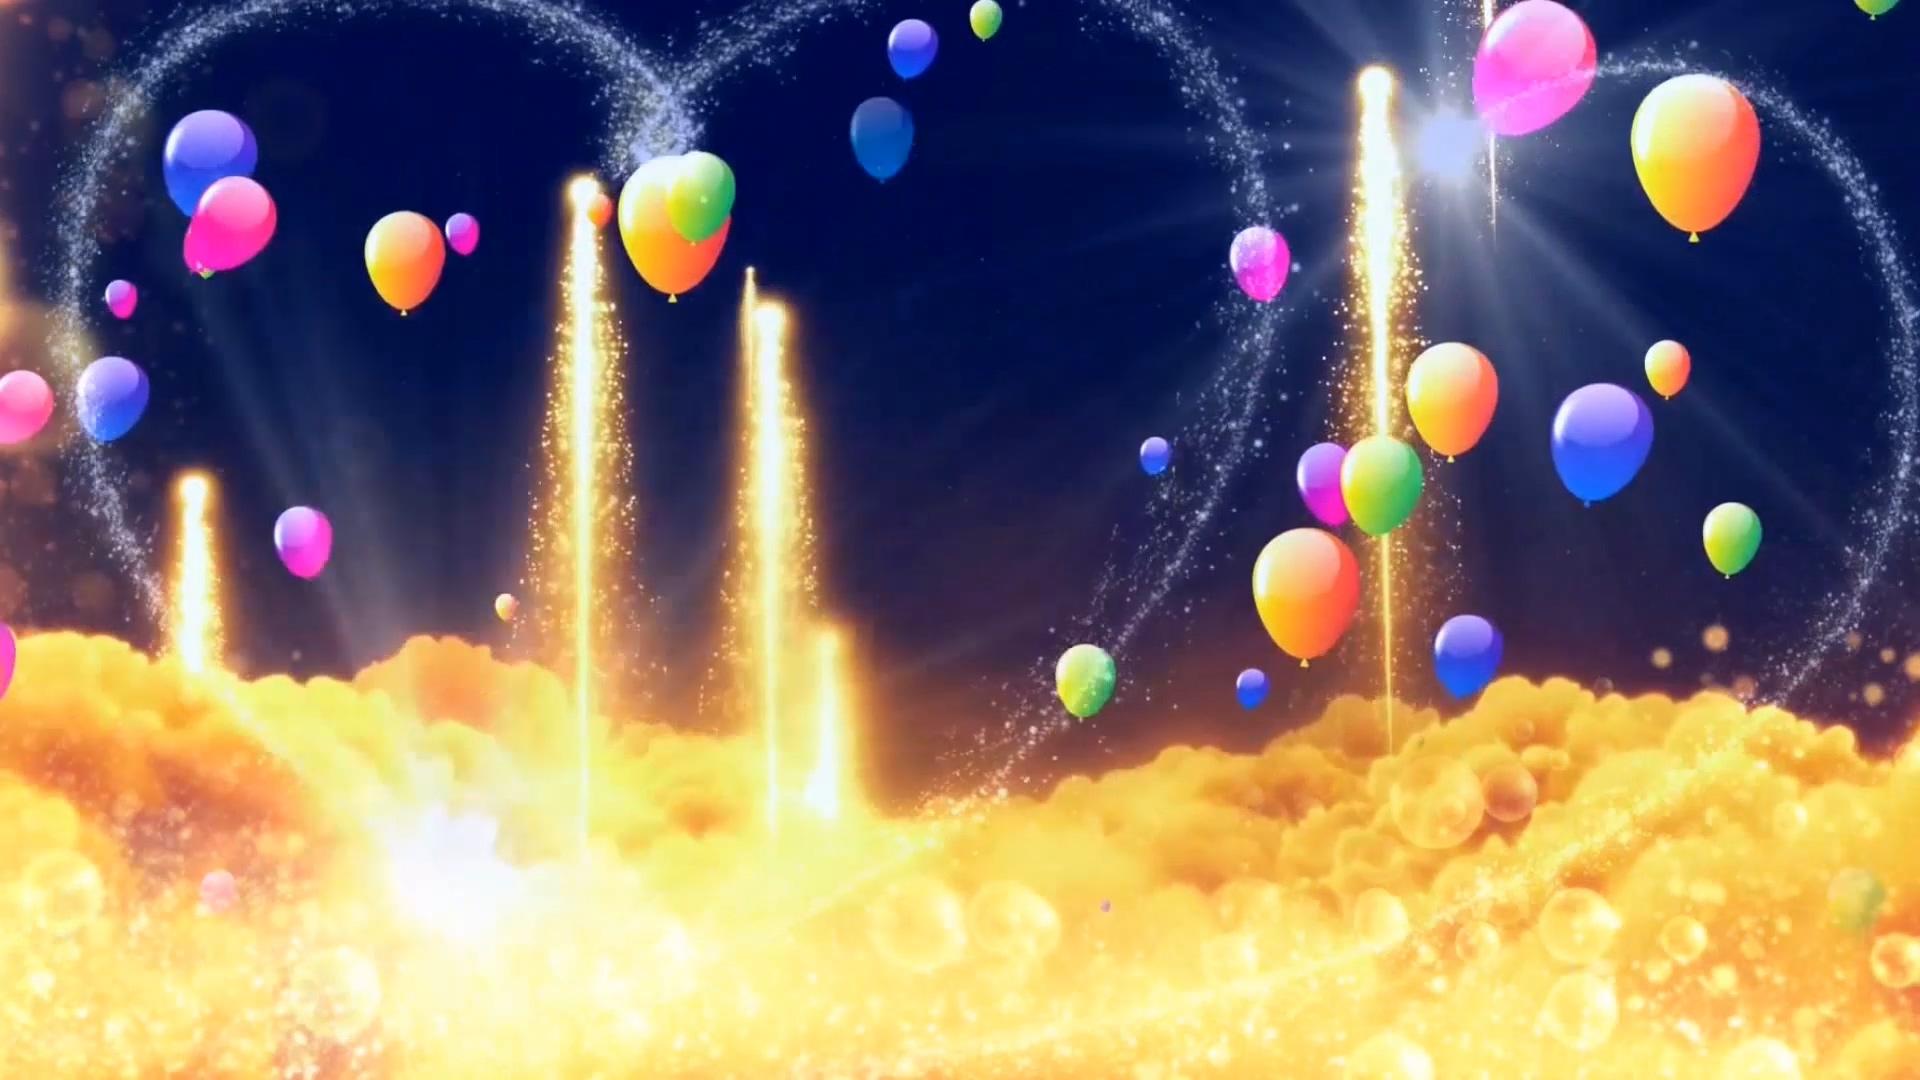 唯美爱心气球云彩霞光蓝天爱情视频素材背景